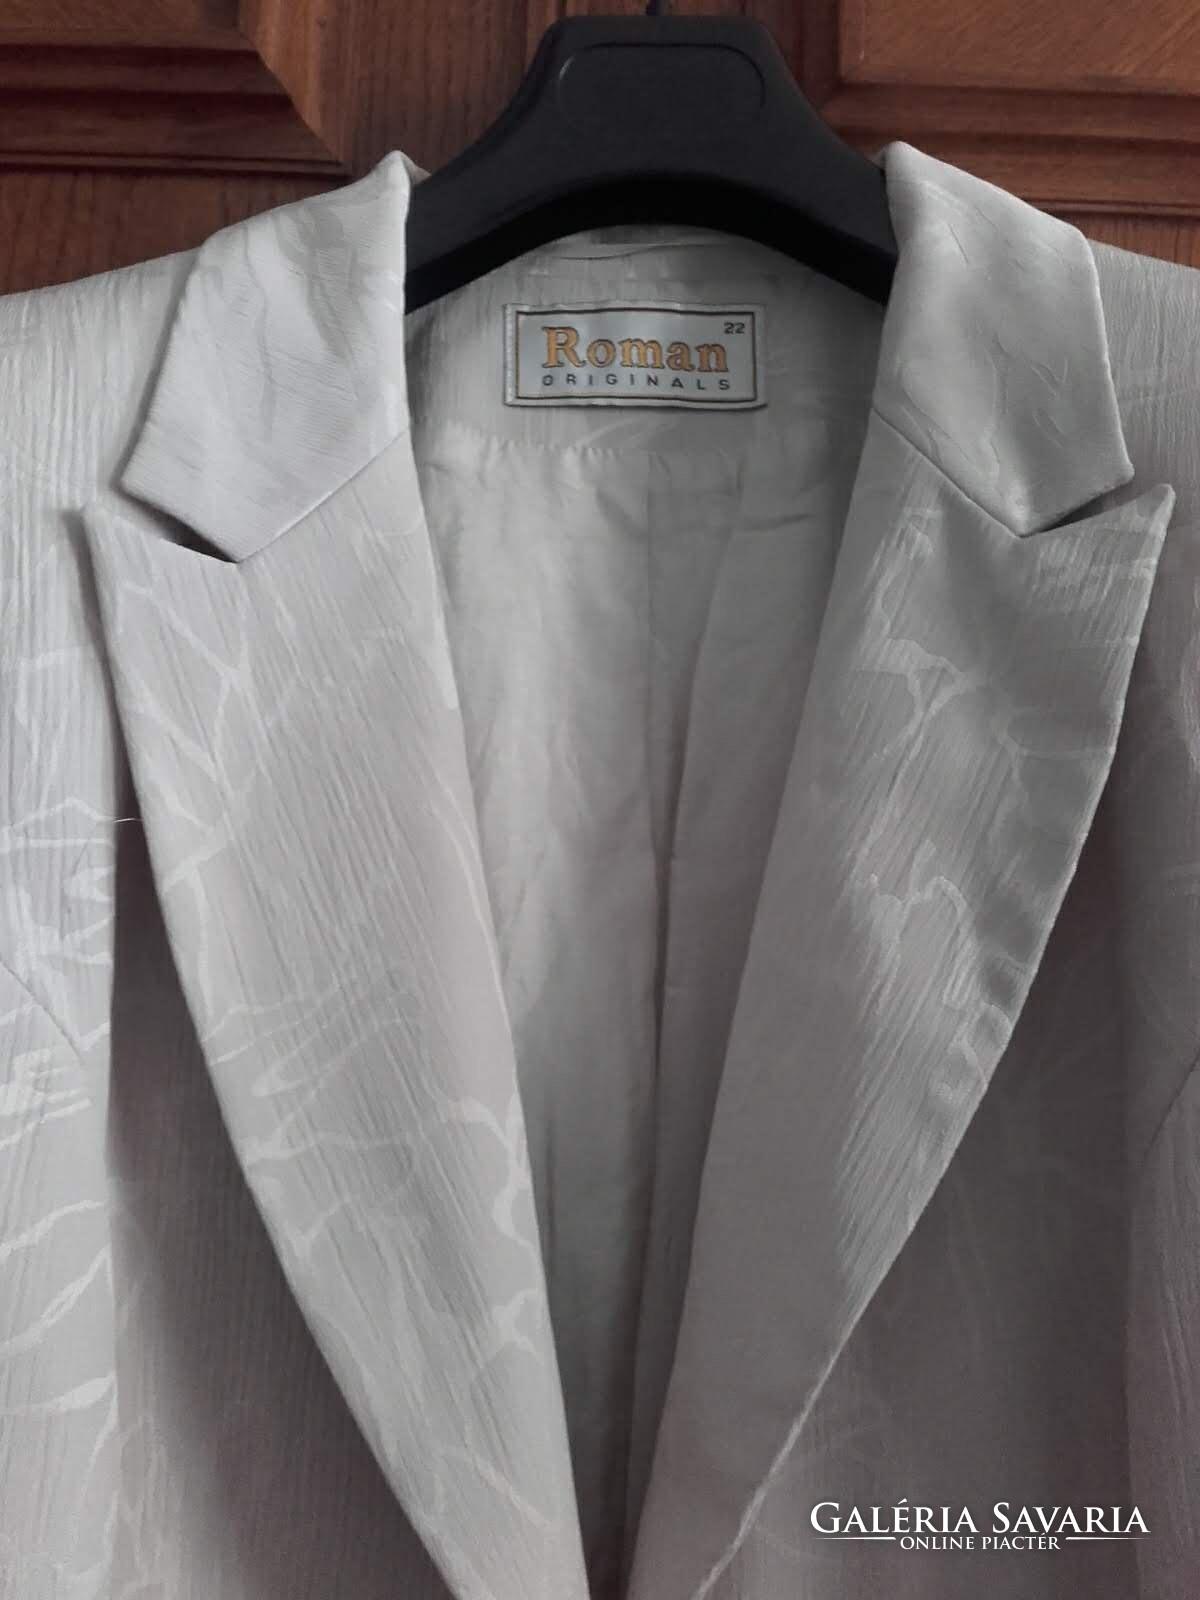 7c129a8339 Eredeti ROMAN ORIGINASL blézer, kis kabát Alkalom, party, esküvő ...